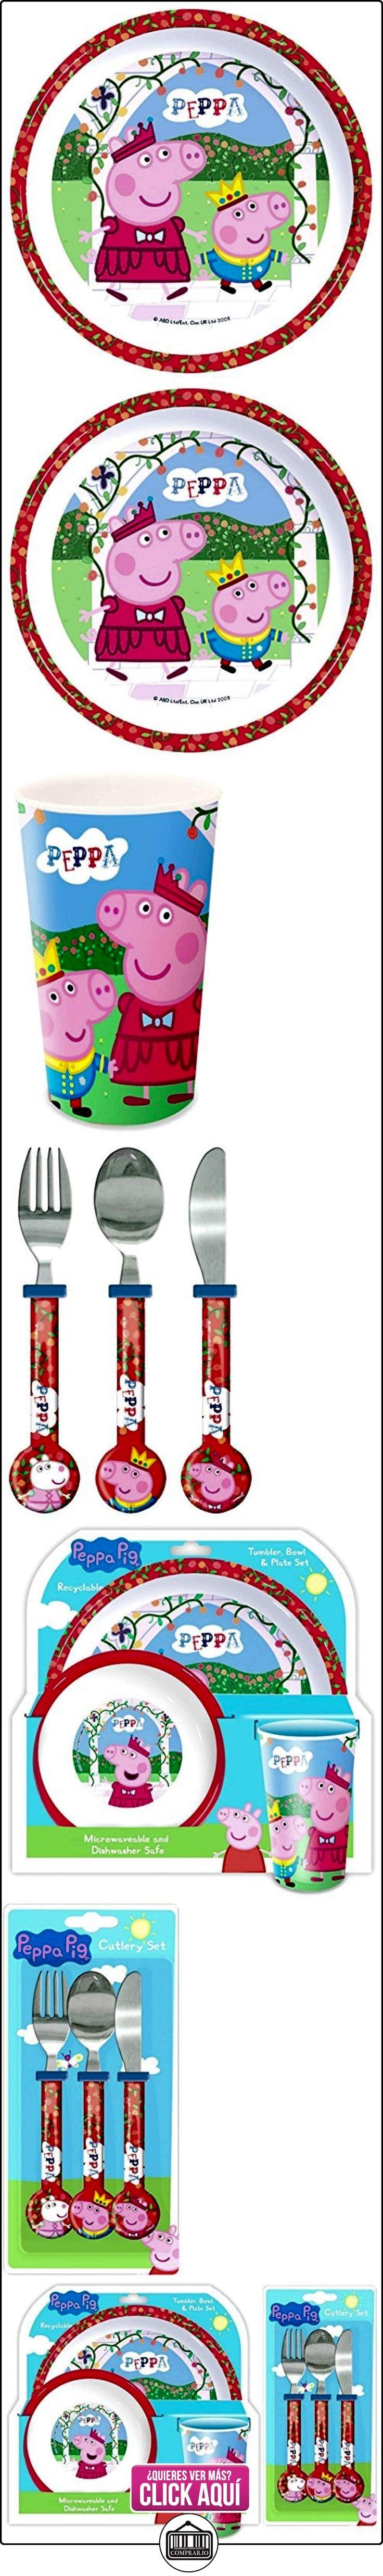 Peppa Pig 'Érase una vez' 6 piezas Vajilla | Vaso del tazón de fuente, taza, cuchillo, tenedor y cuchara  ✿ Peppa Pig - Peppa La Cerdita ✿ ▬► Ver oferta: http://comprar.io/goto/B01ABYATH8